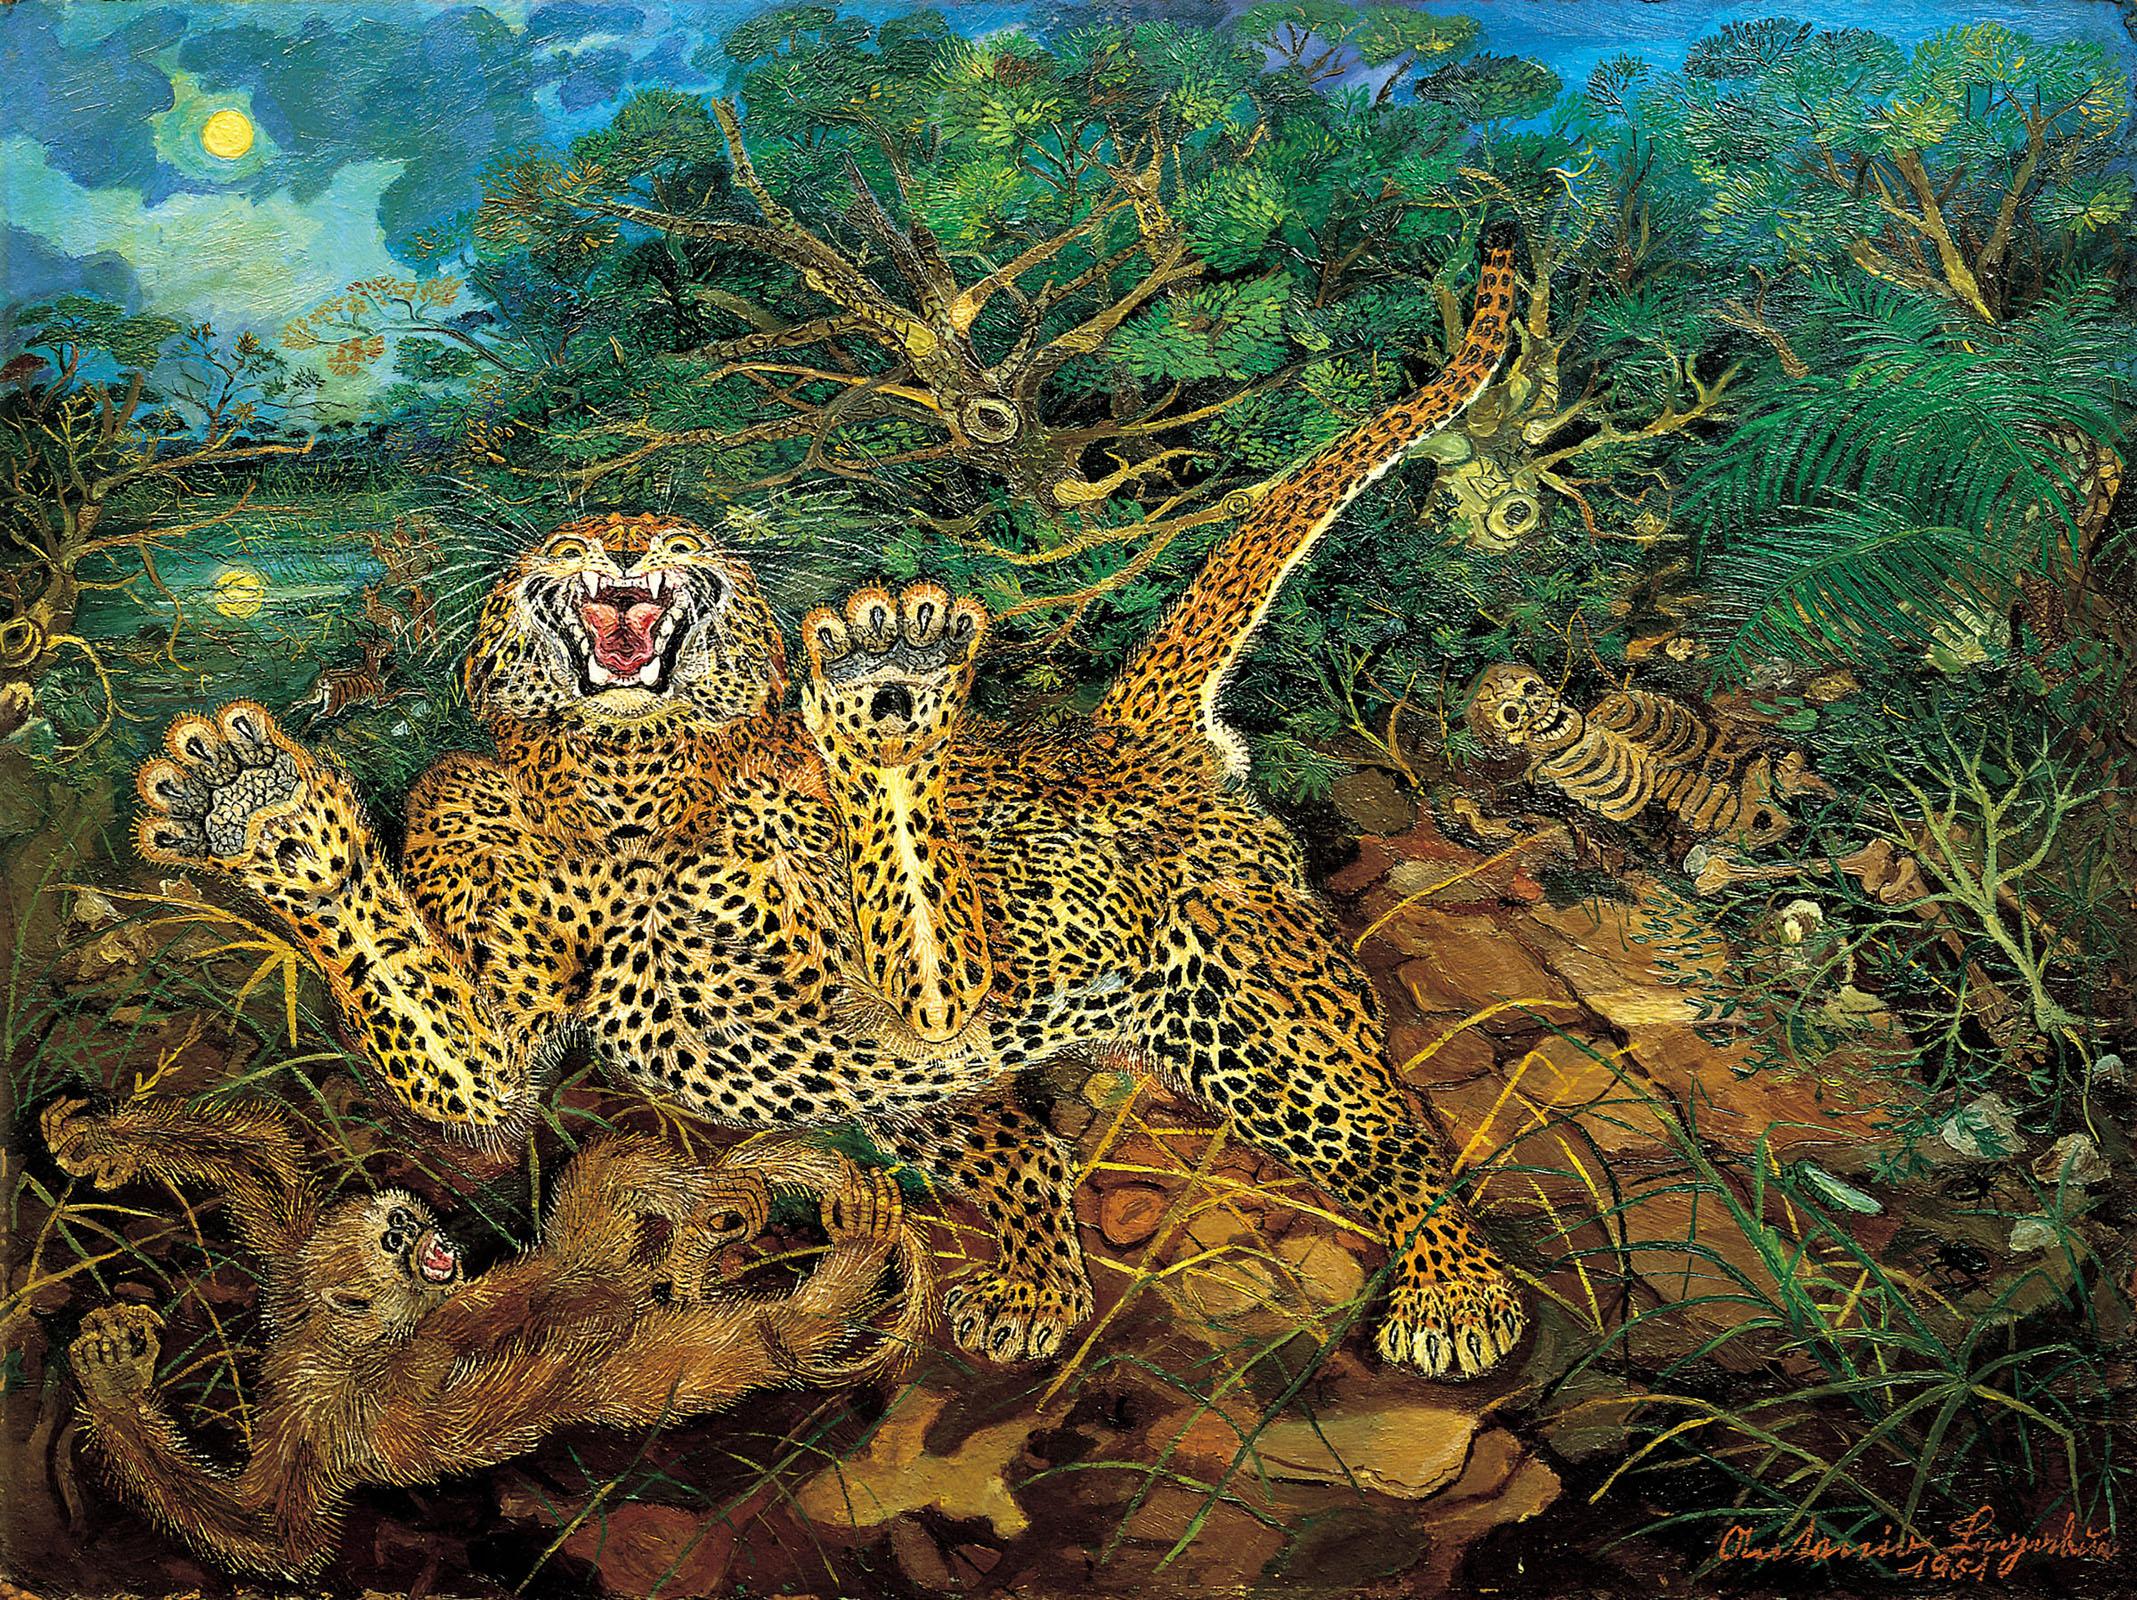 Il disagio dell'uomo e la gloria dell'animale: Antonio Ligabue in mostra a Parma